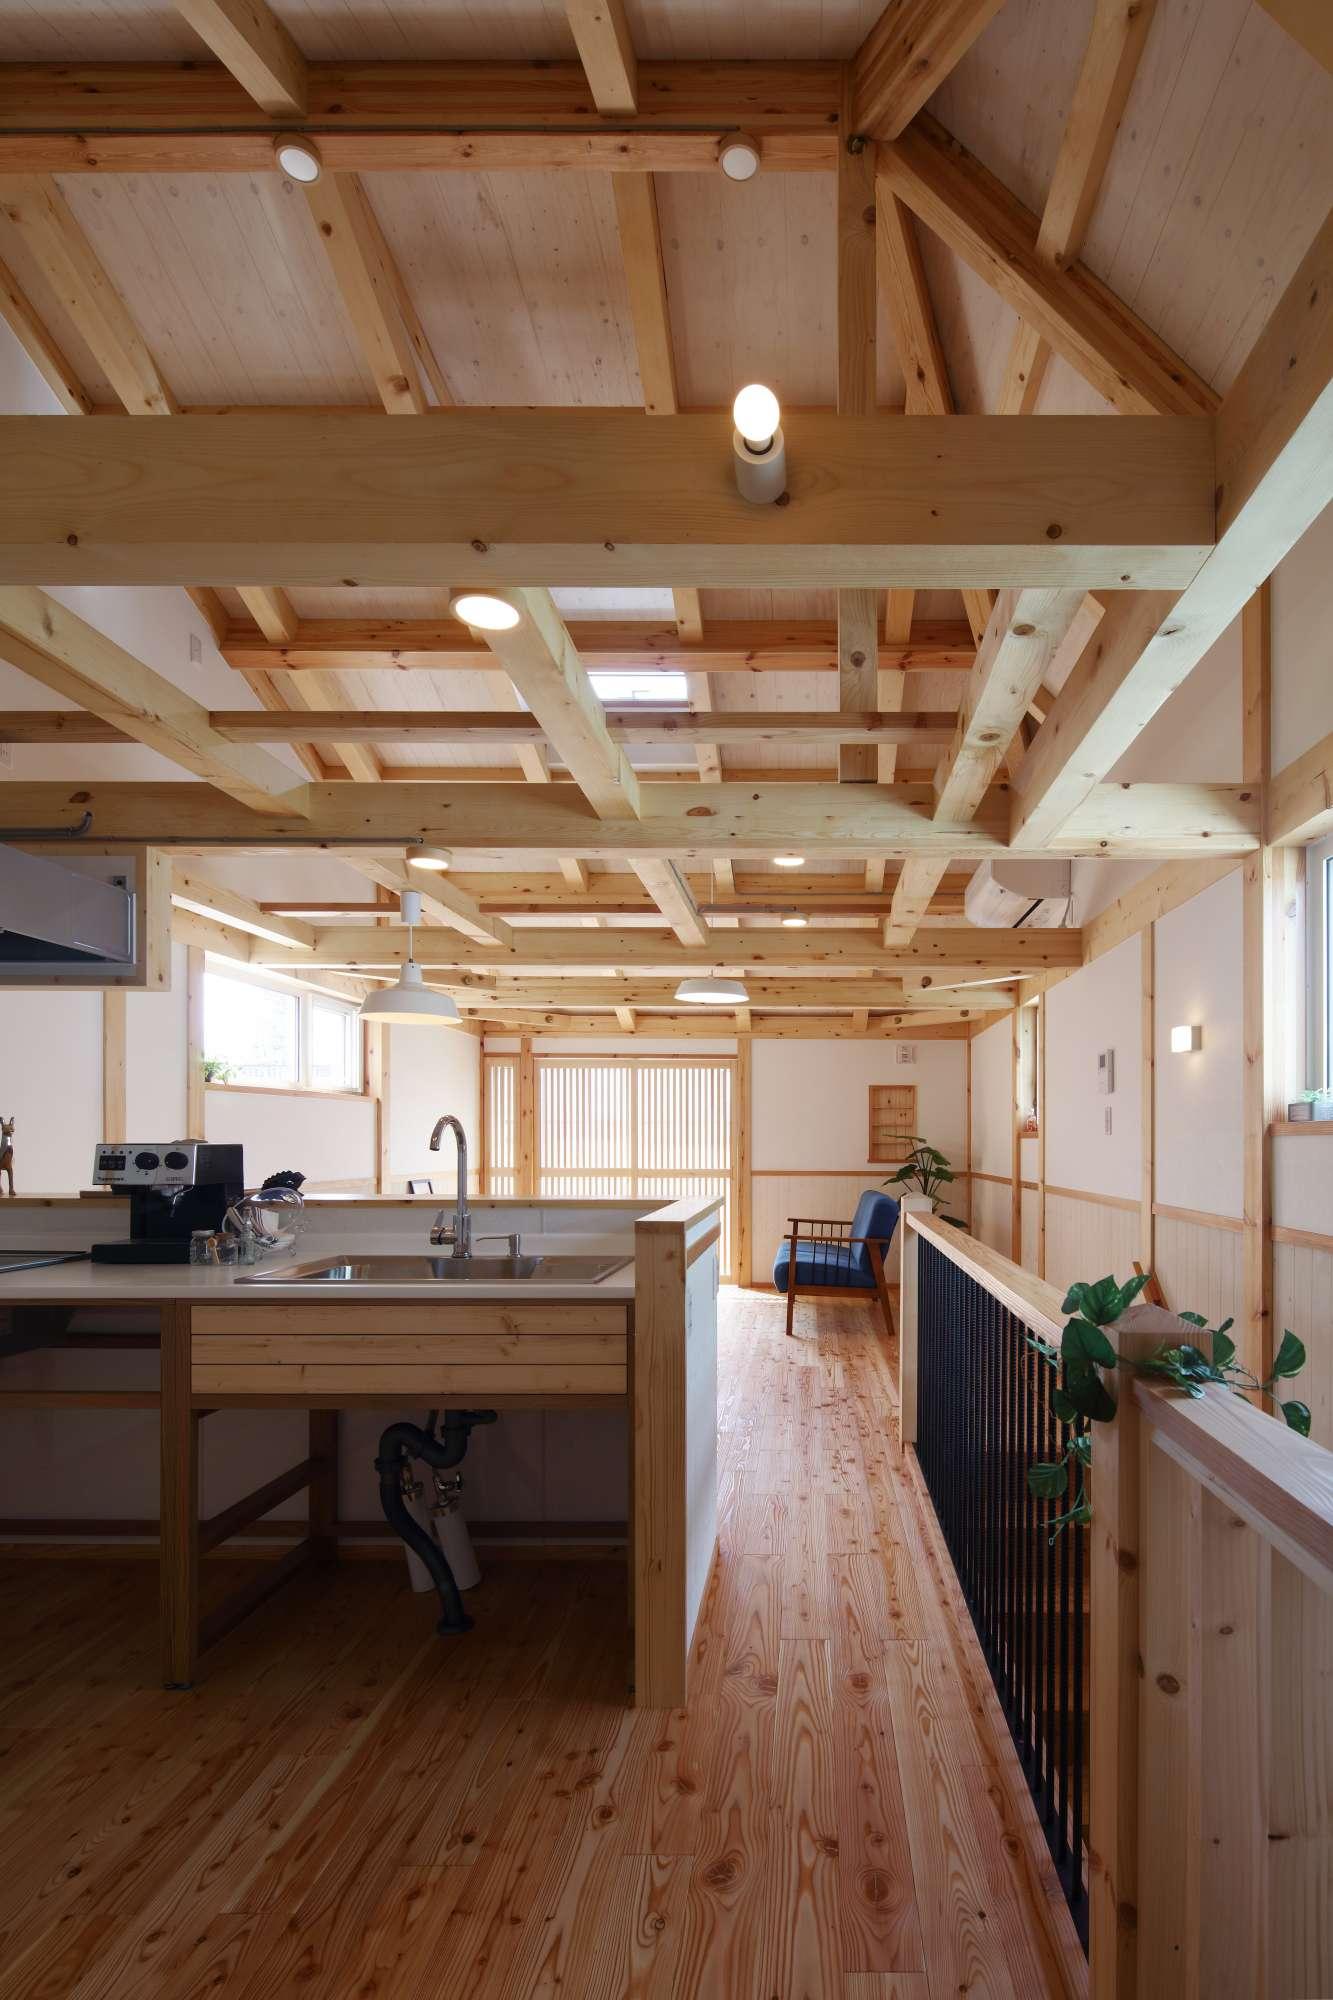 真壁工法・あらわしの梁・構造を見せる家 -  -  -